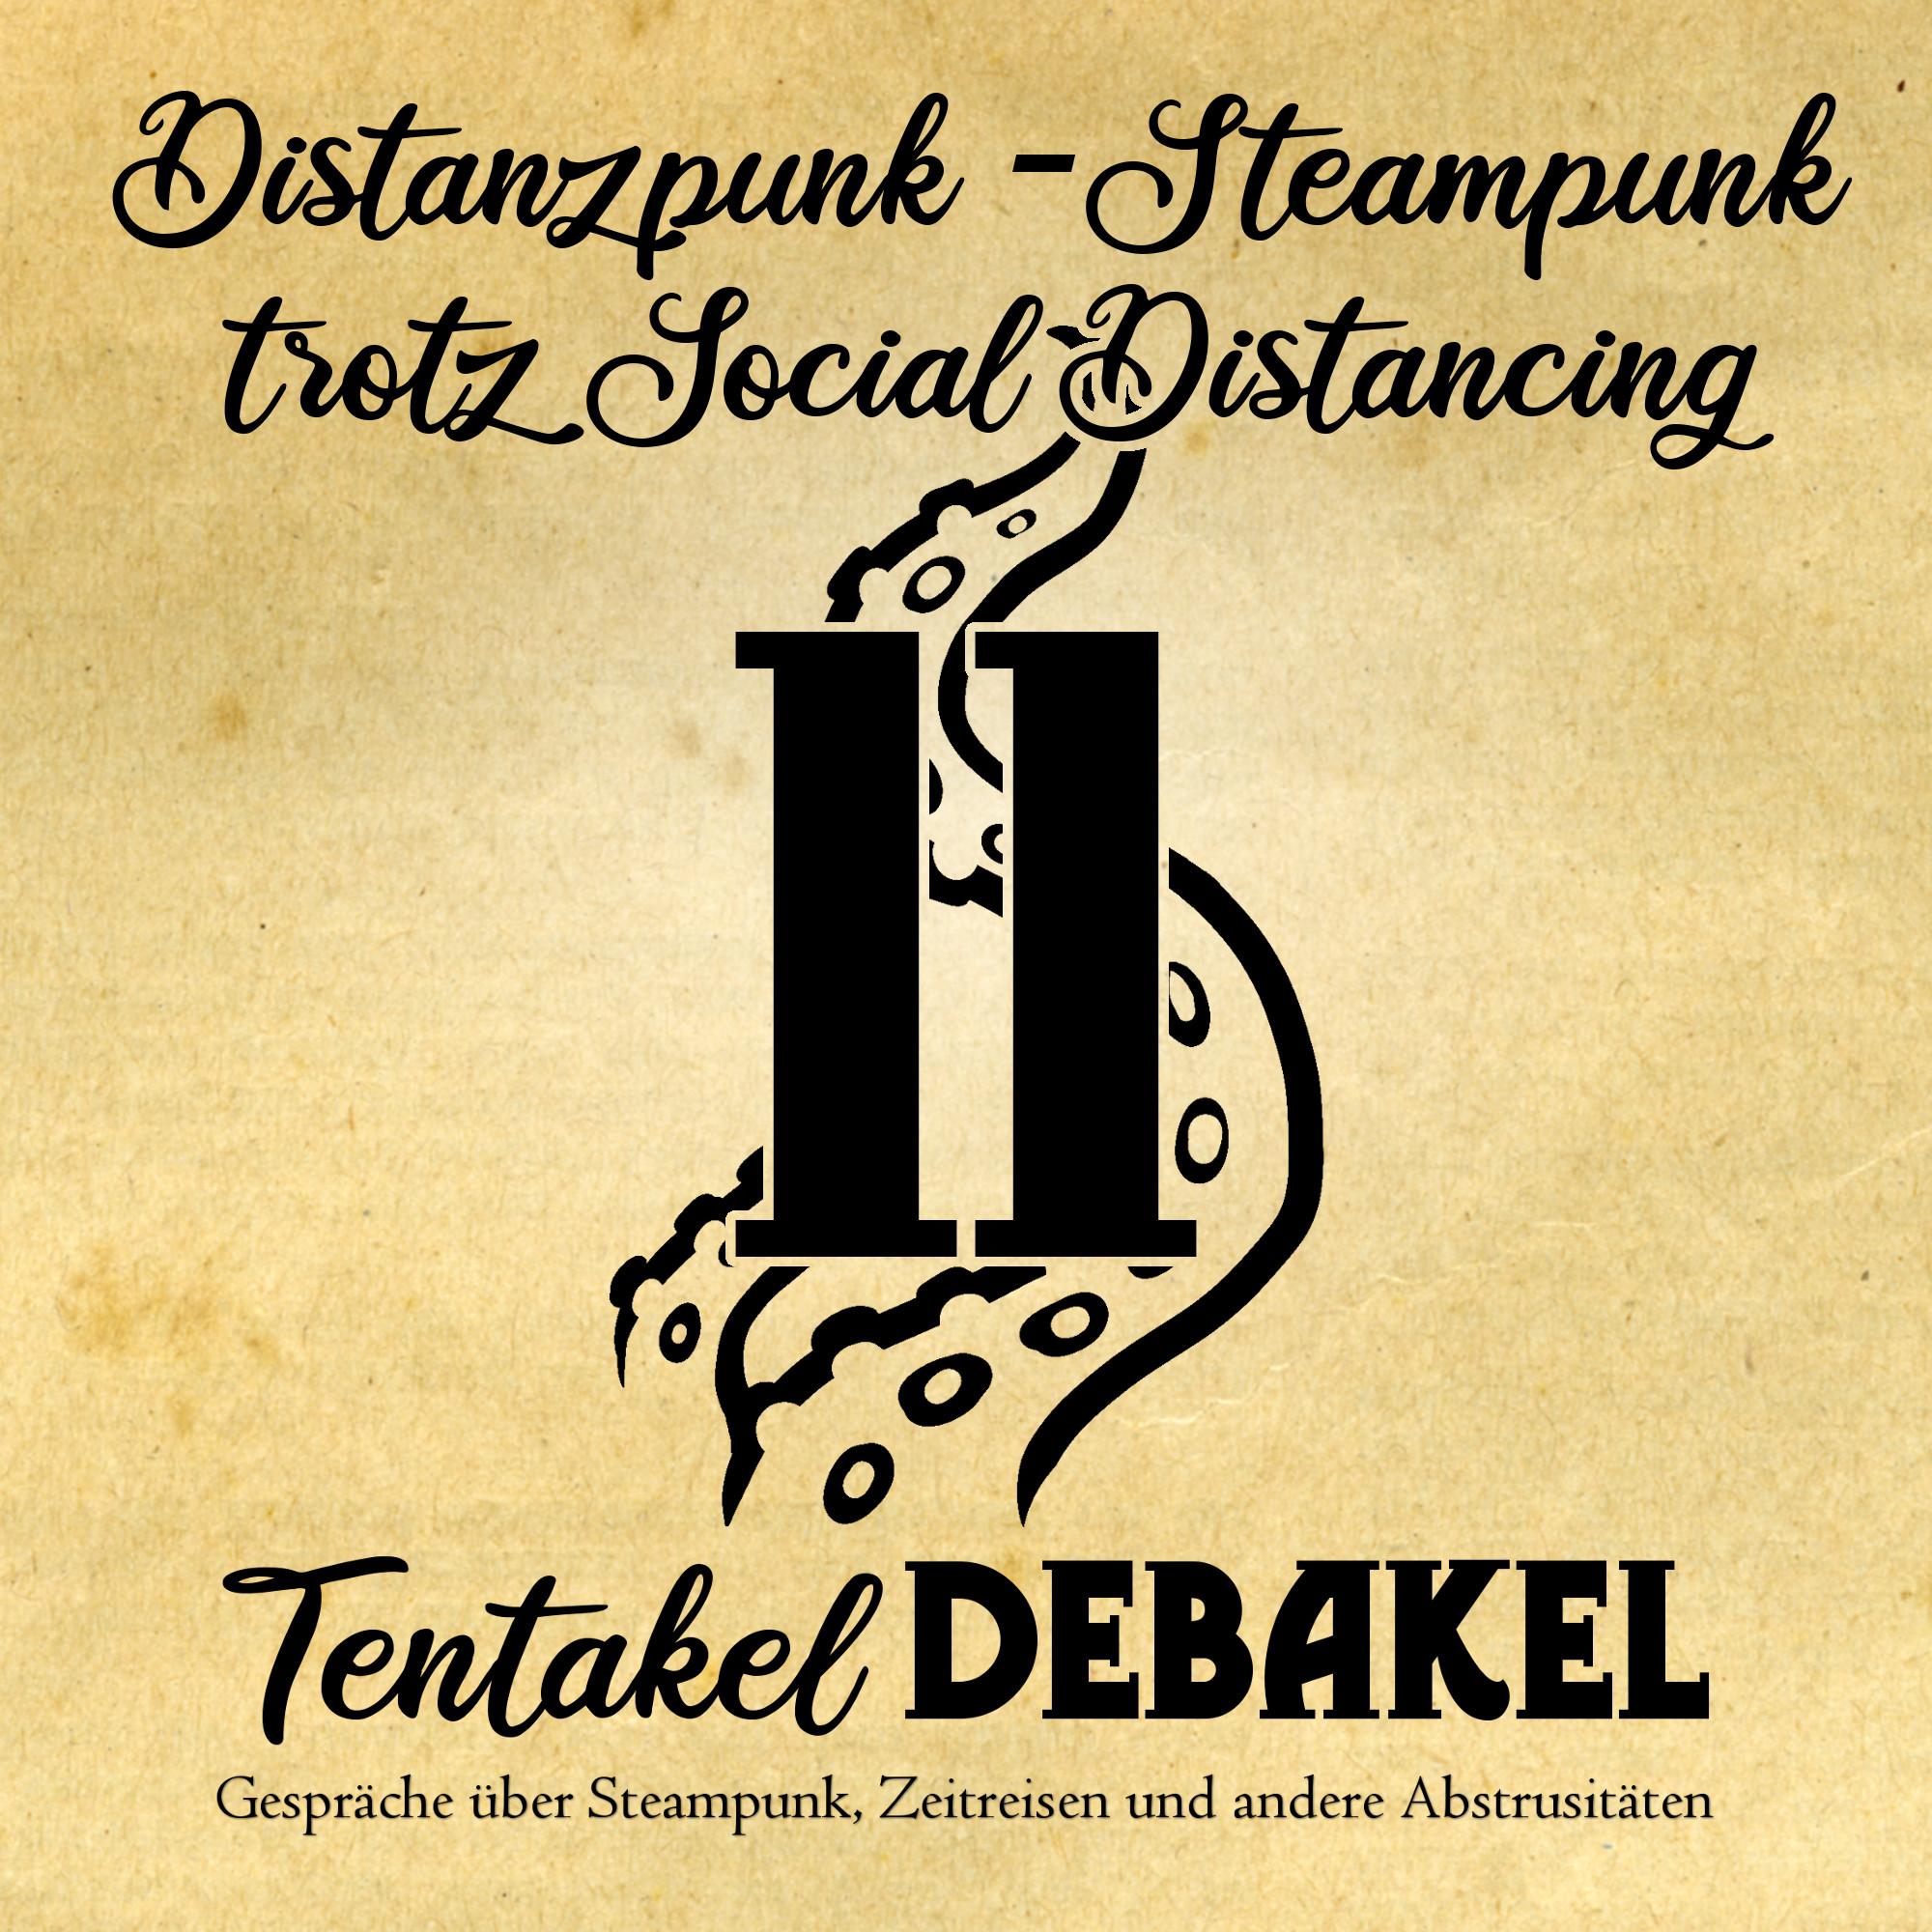 Folge 11: Distanzpunk - Steampunk trotz Social Distancing